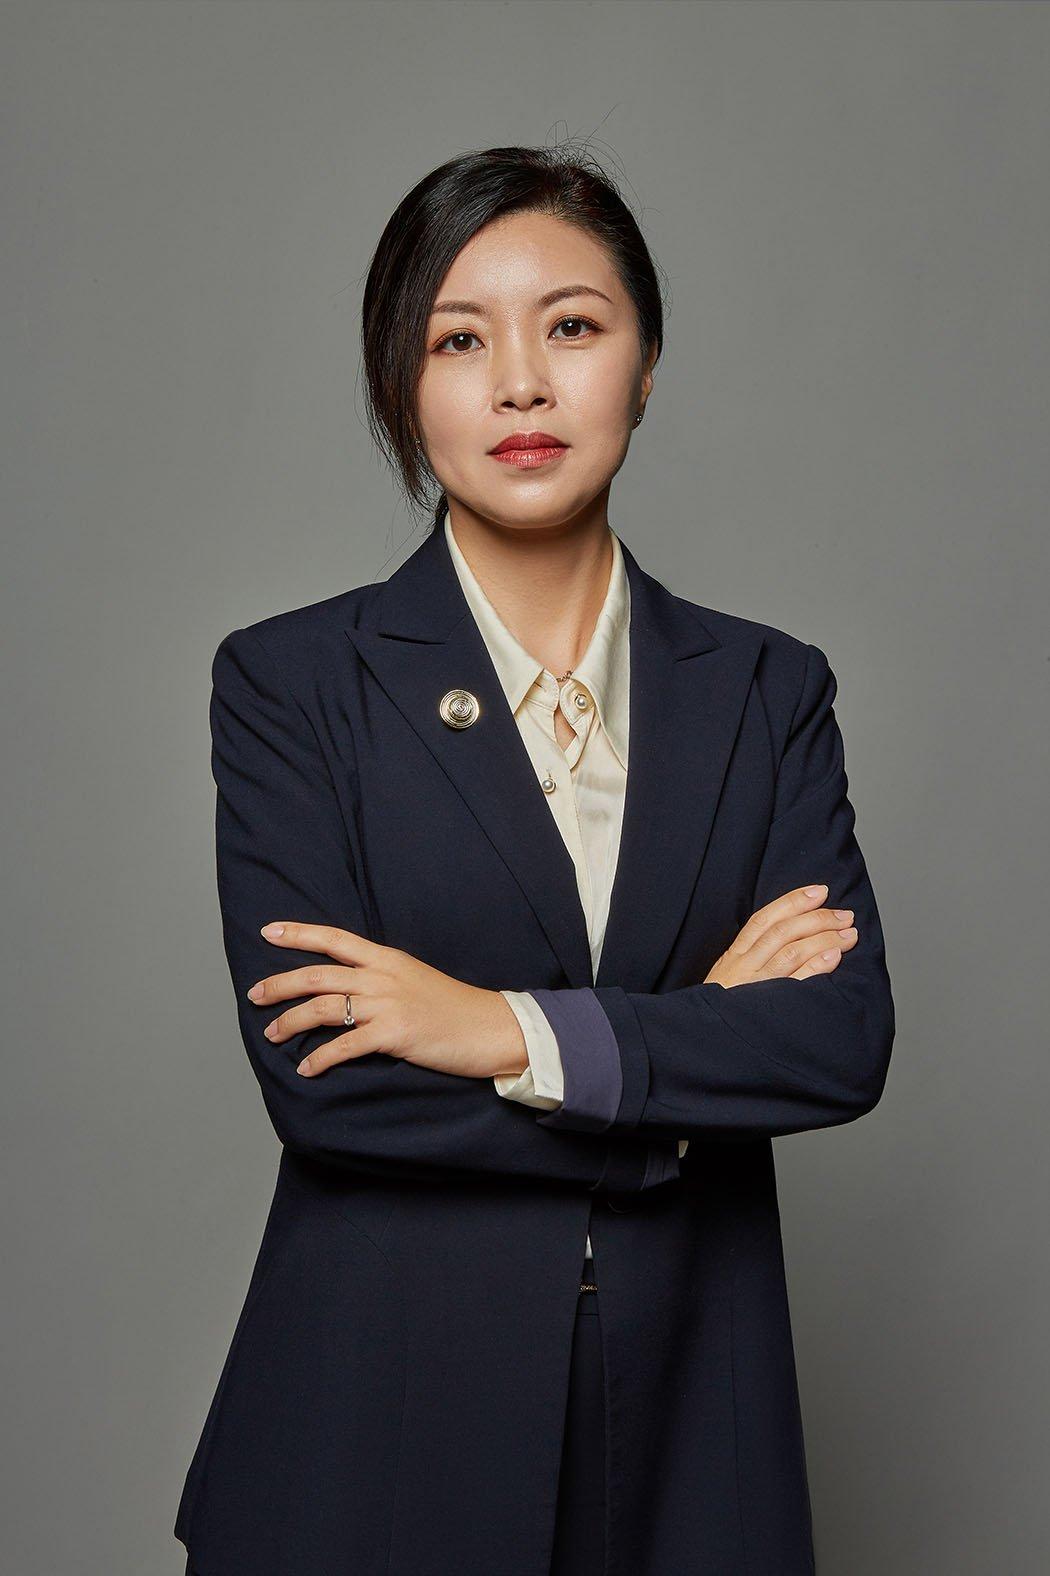 Liu Peng